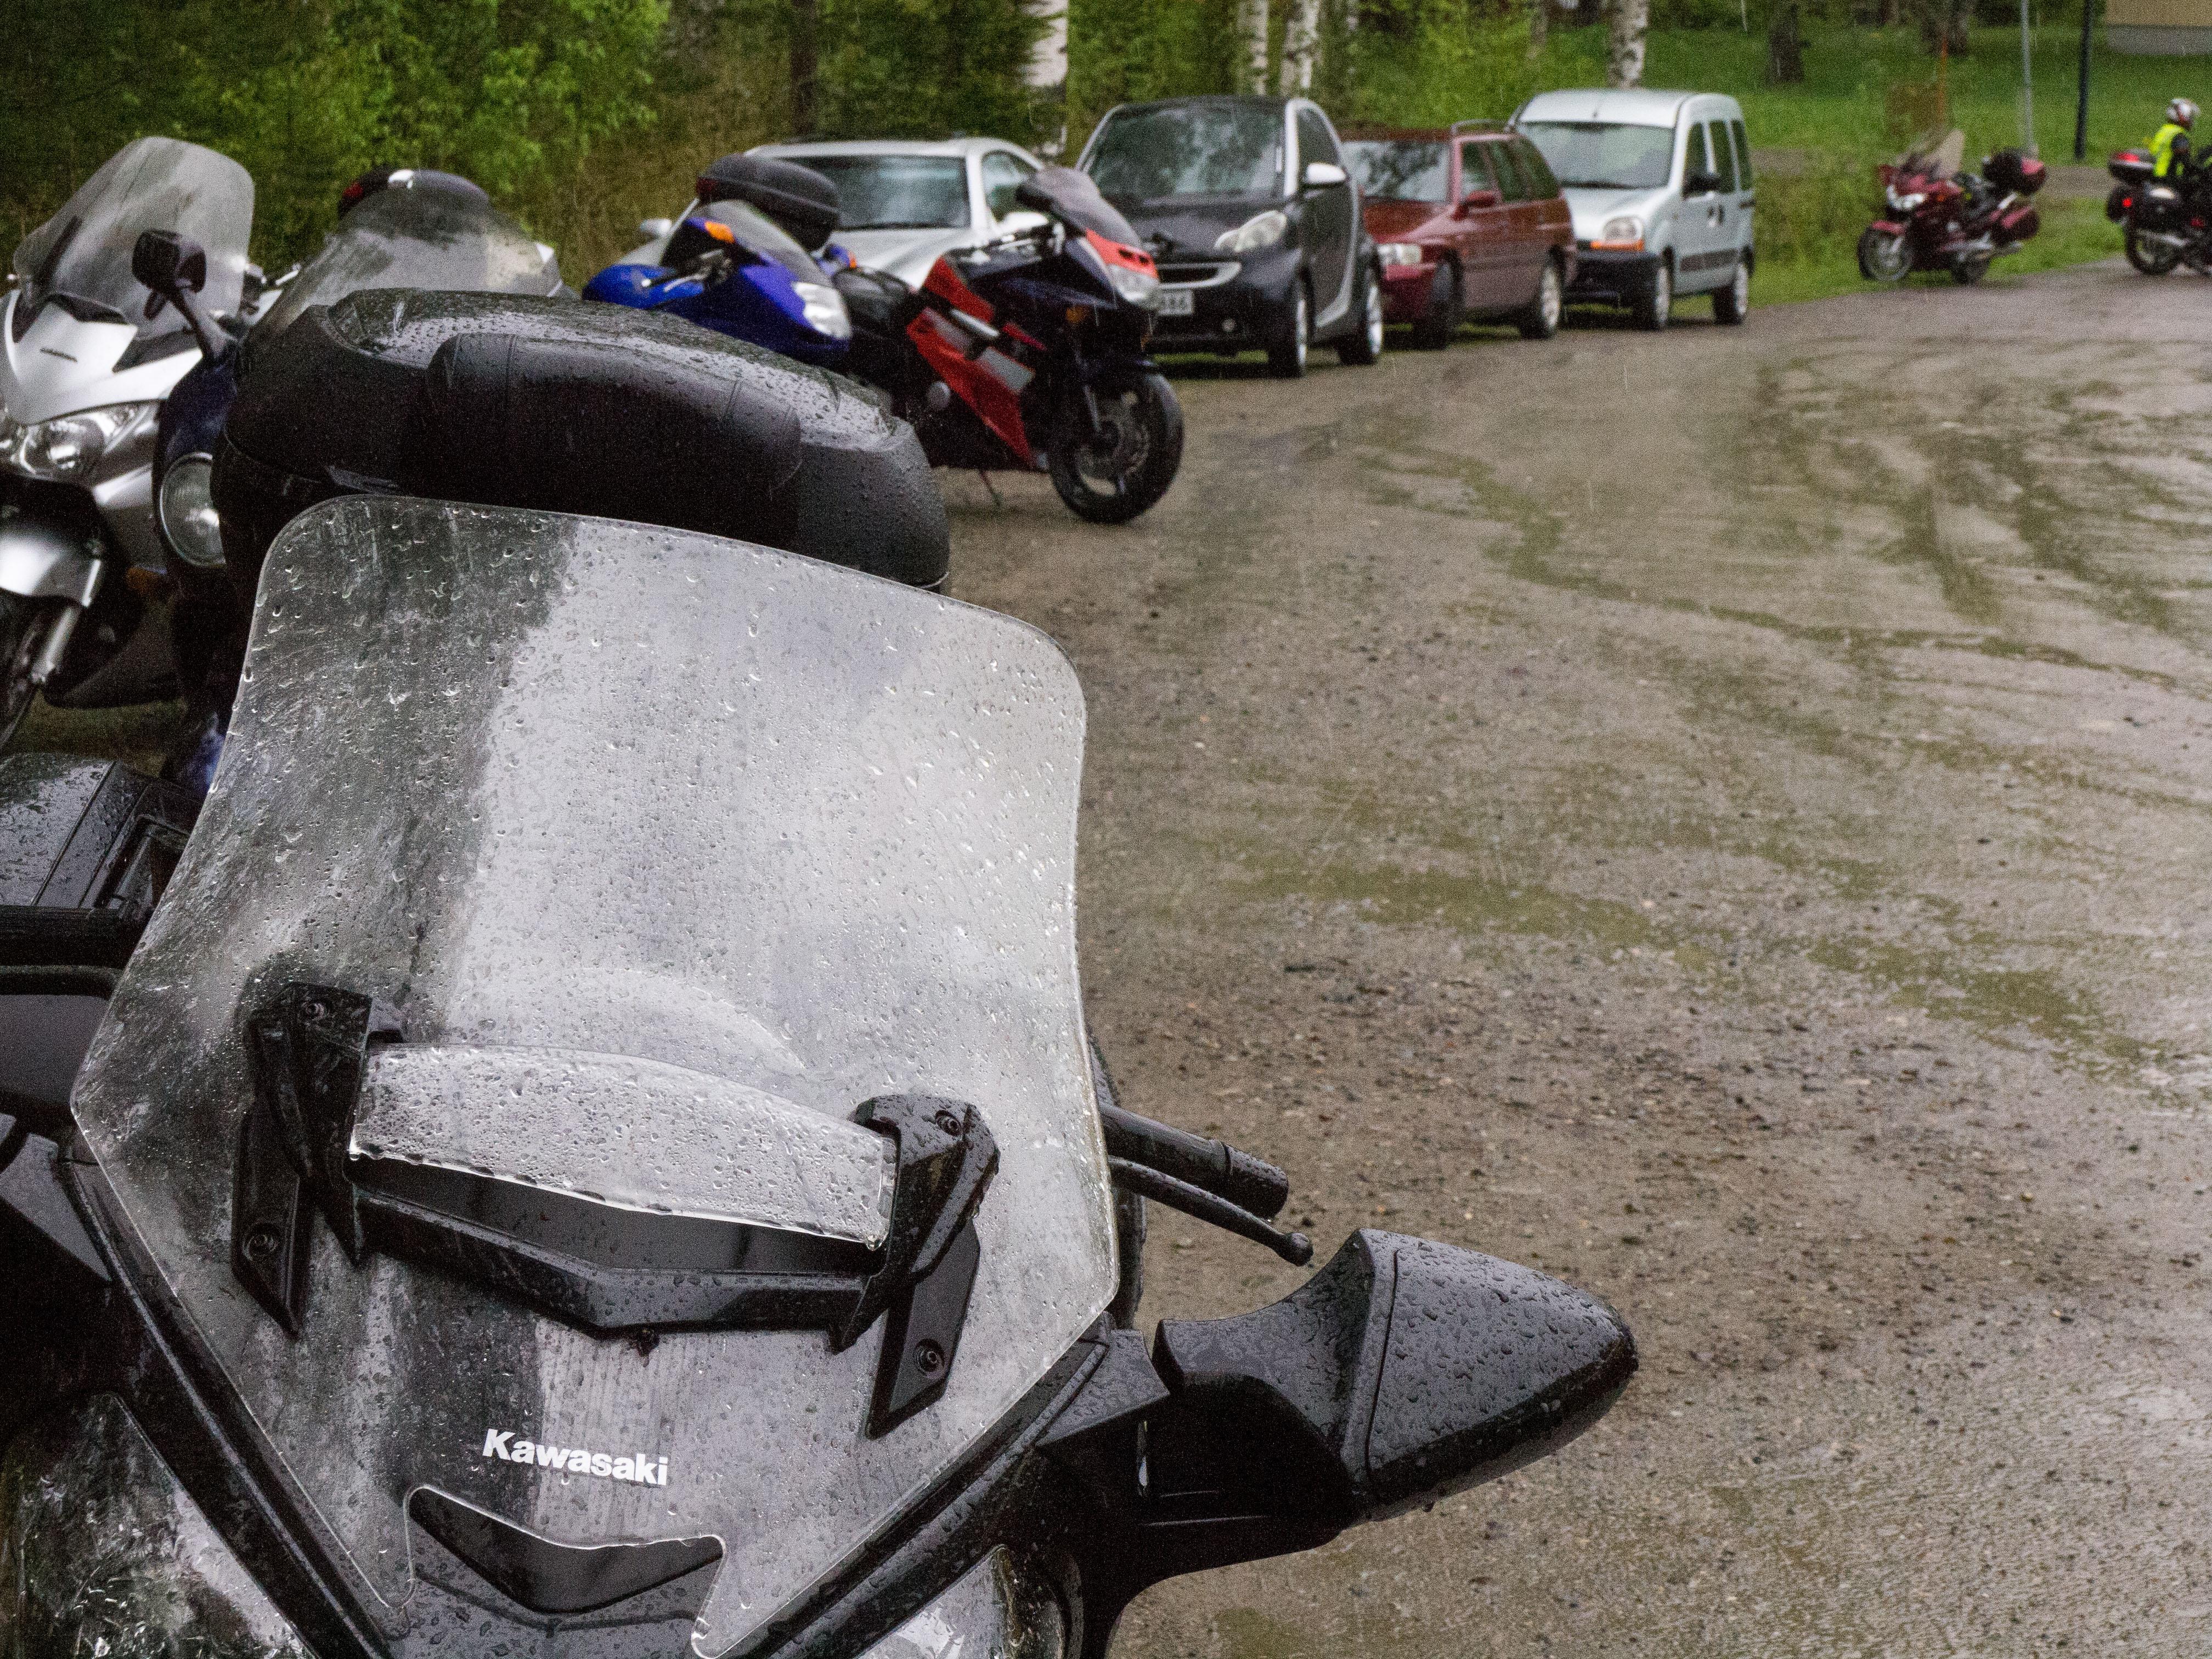 moottoripyörätapahtumat 2016 Alajarvi